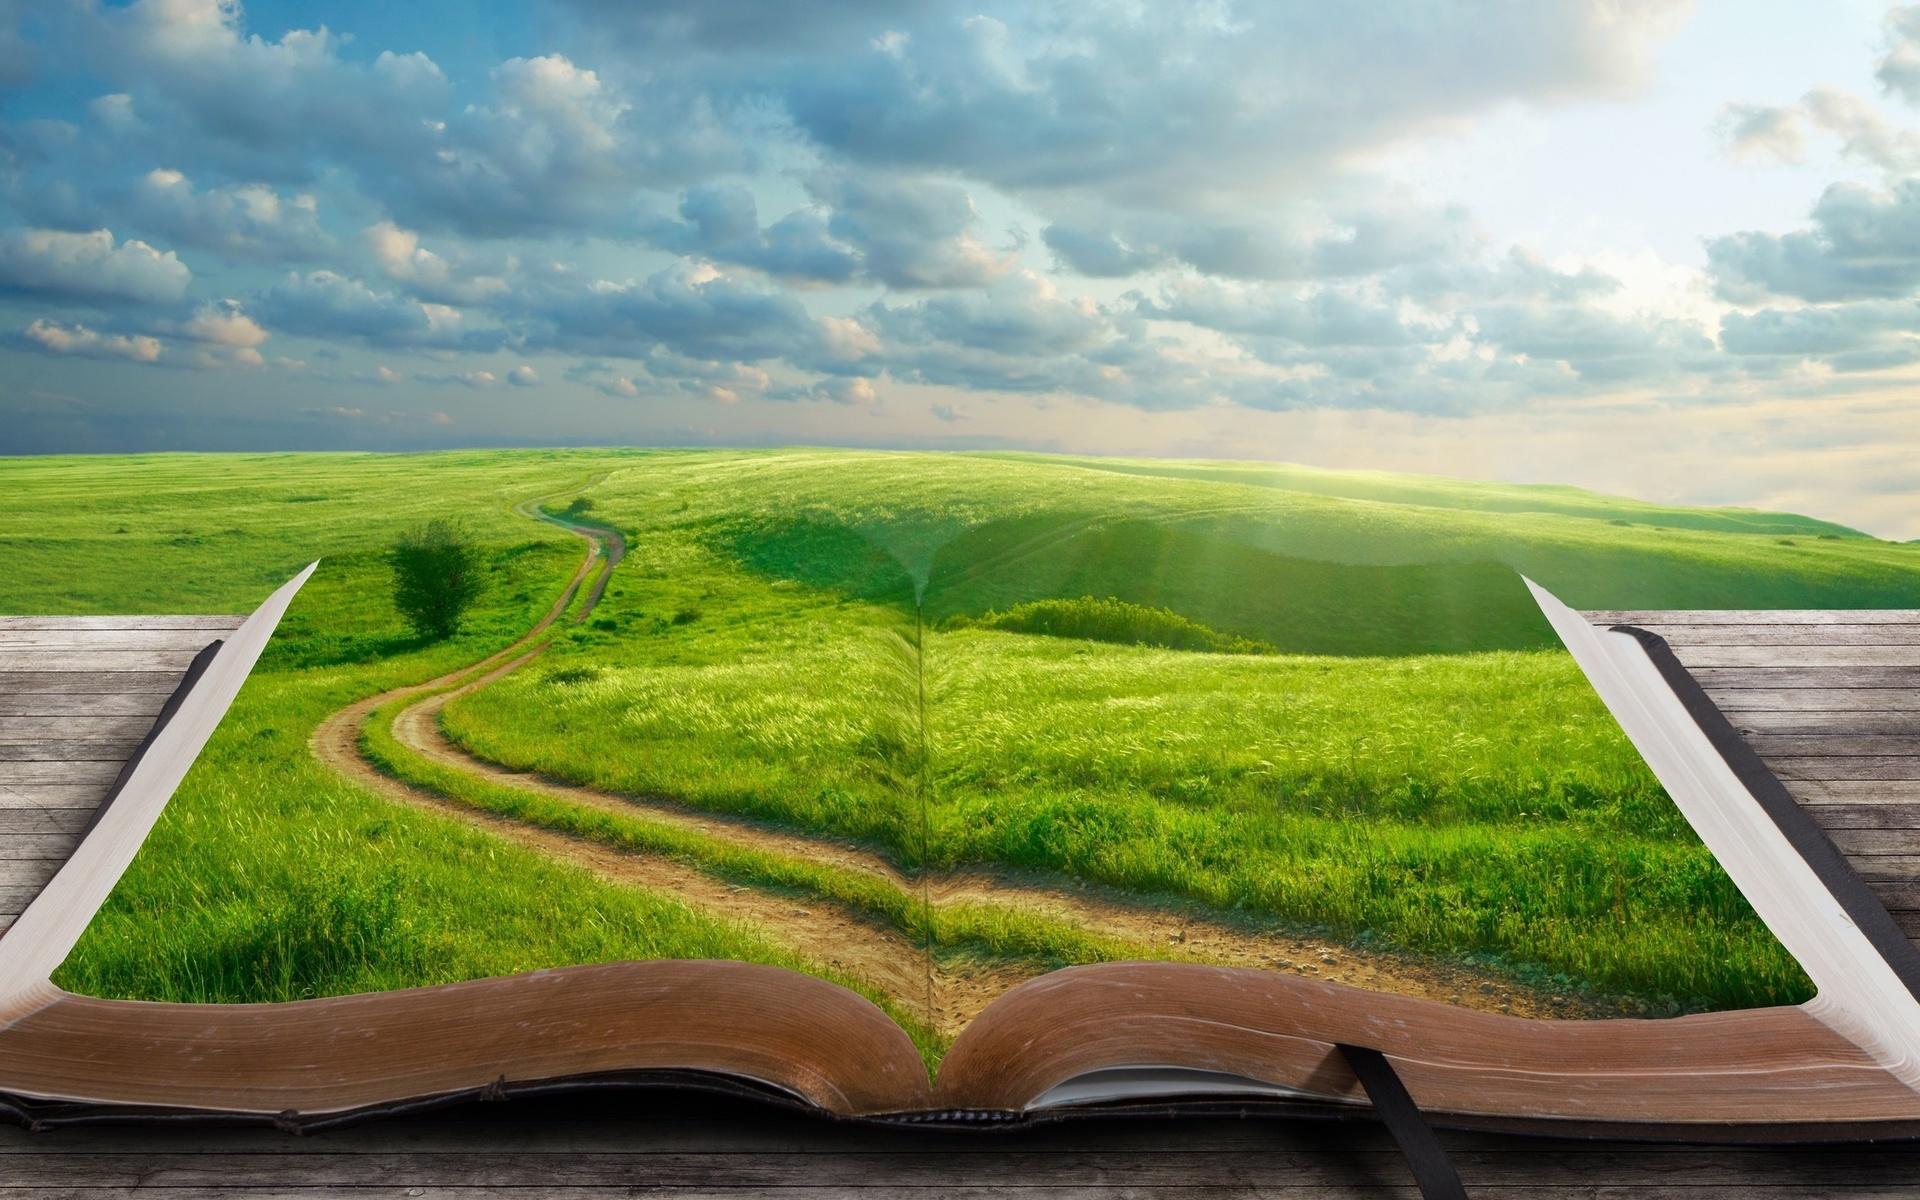 Дорога к счастью картинка с надписью, крестинами